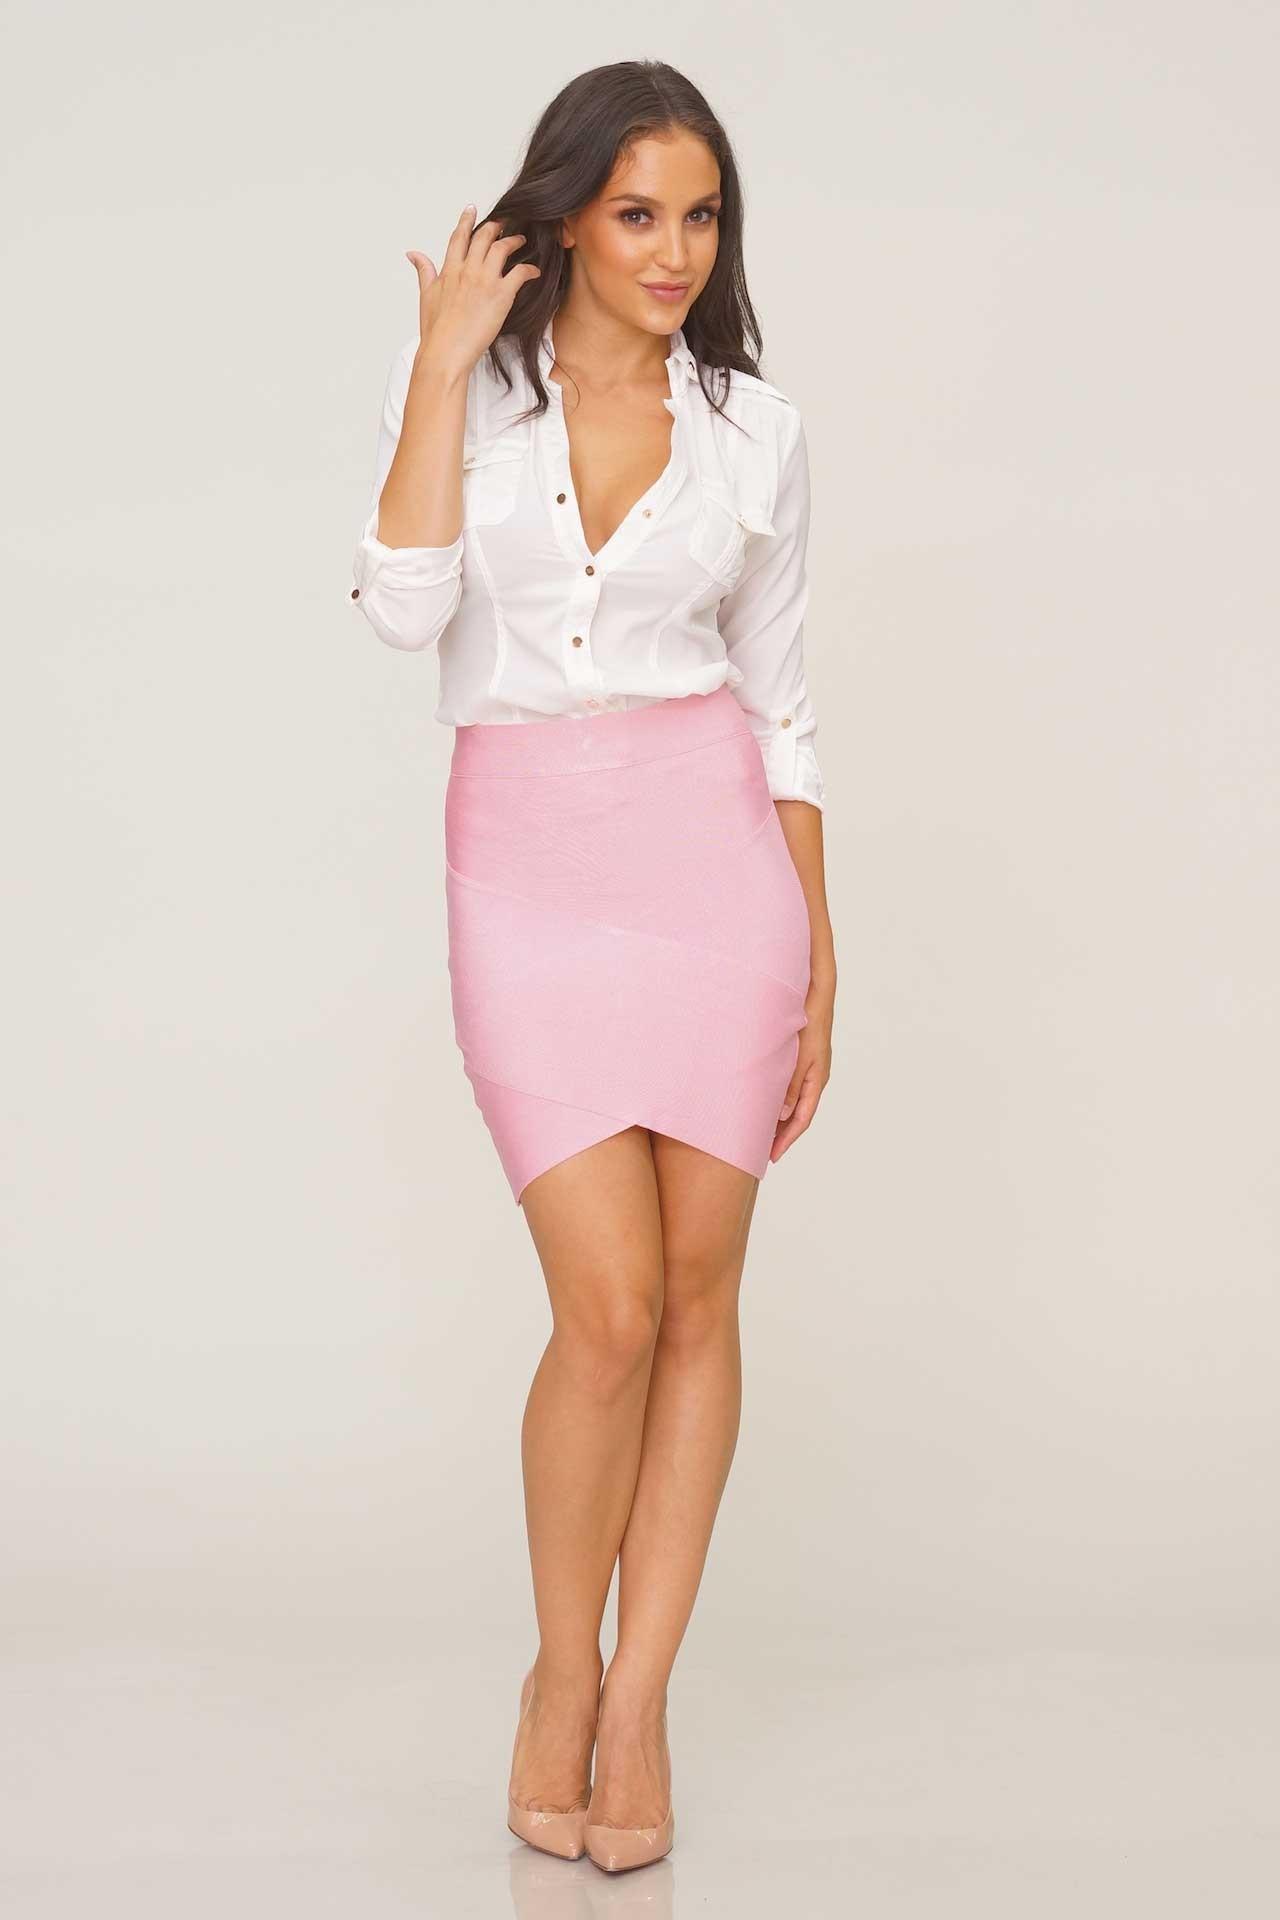 bandage skirts arched up bandage skirt - pink CCAVOBX